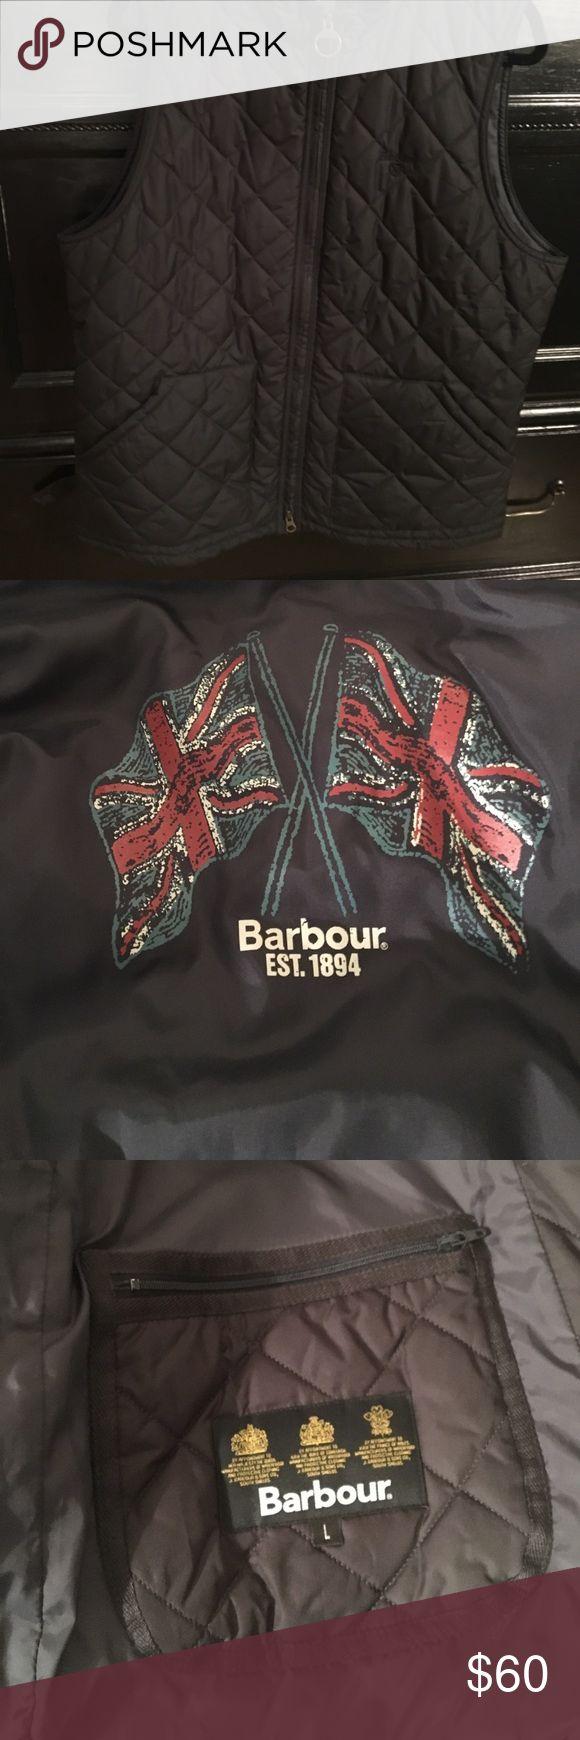 ⚡️SALE ⚡️Barbour Vest Black Bosun Gilet Vest. Perfect Condition. Reasonable offers welcome! Barbour Jackets & Coats Vests